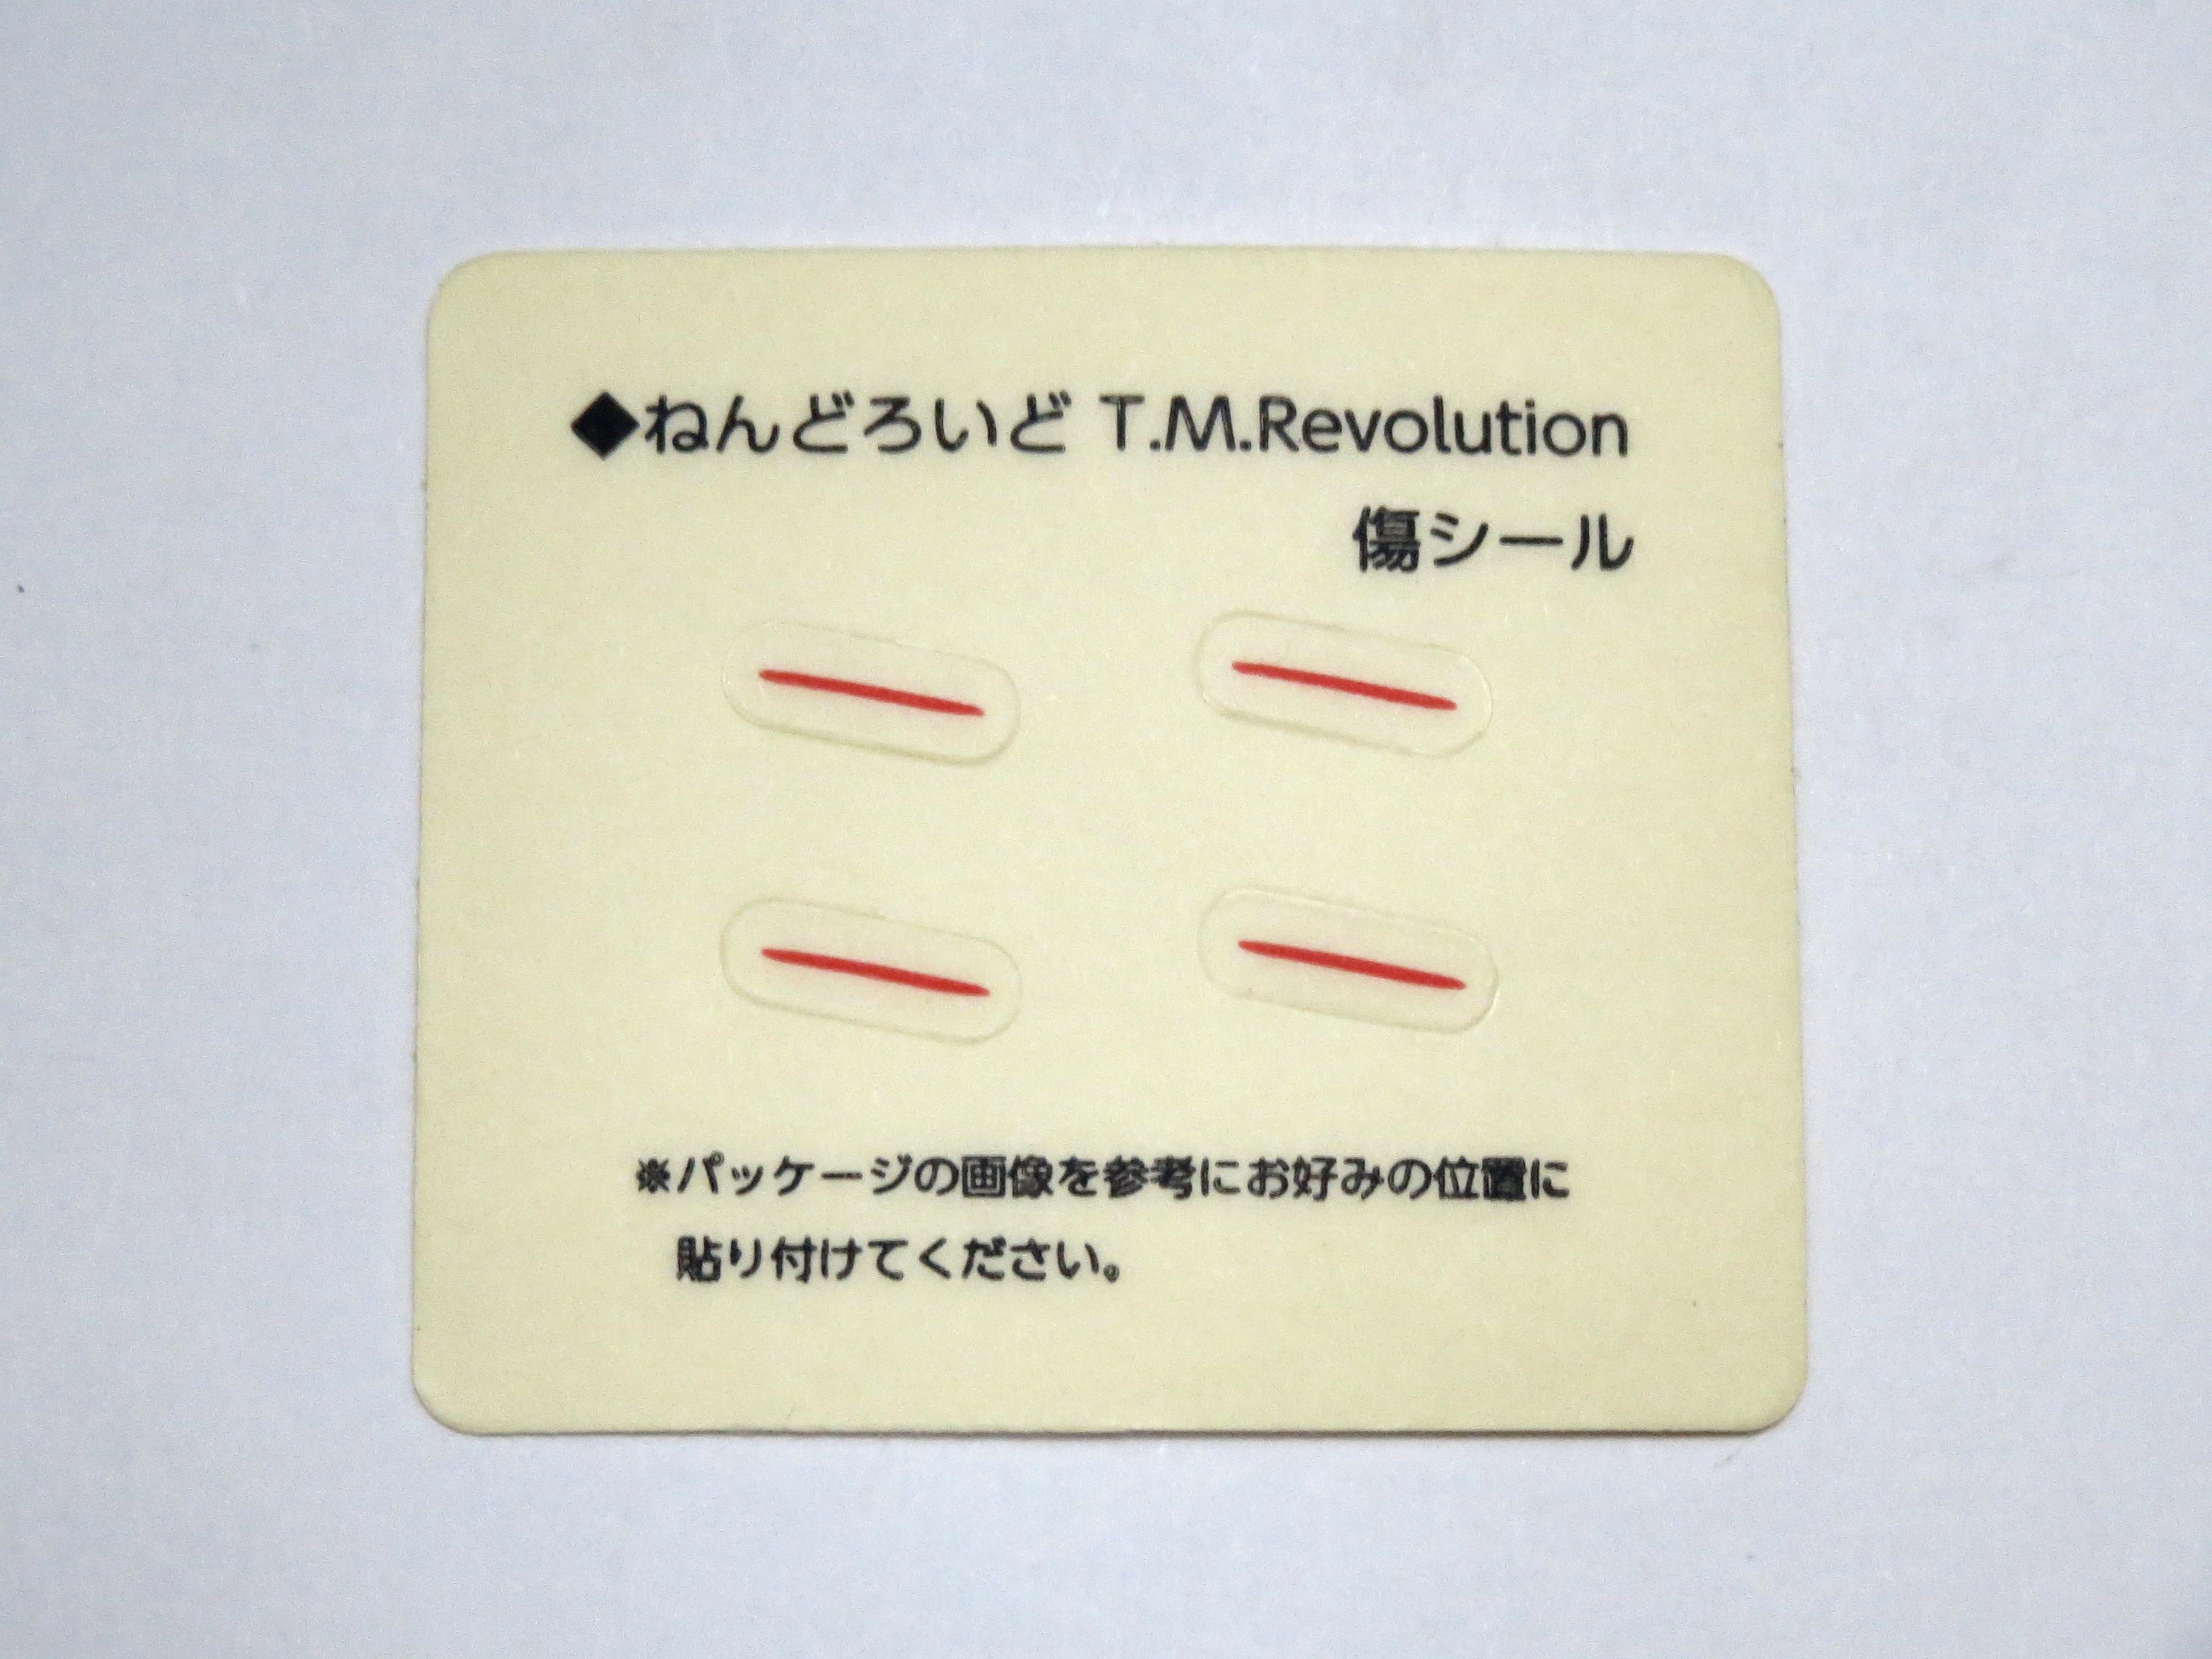 再入荷【369】 T.M.Revolution 西川貴教 小物パーツ 傷シール ねんどろいど